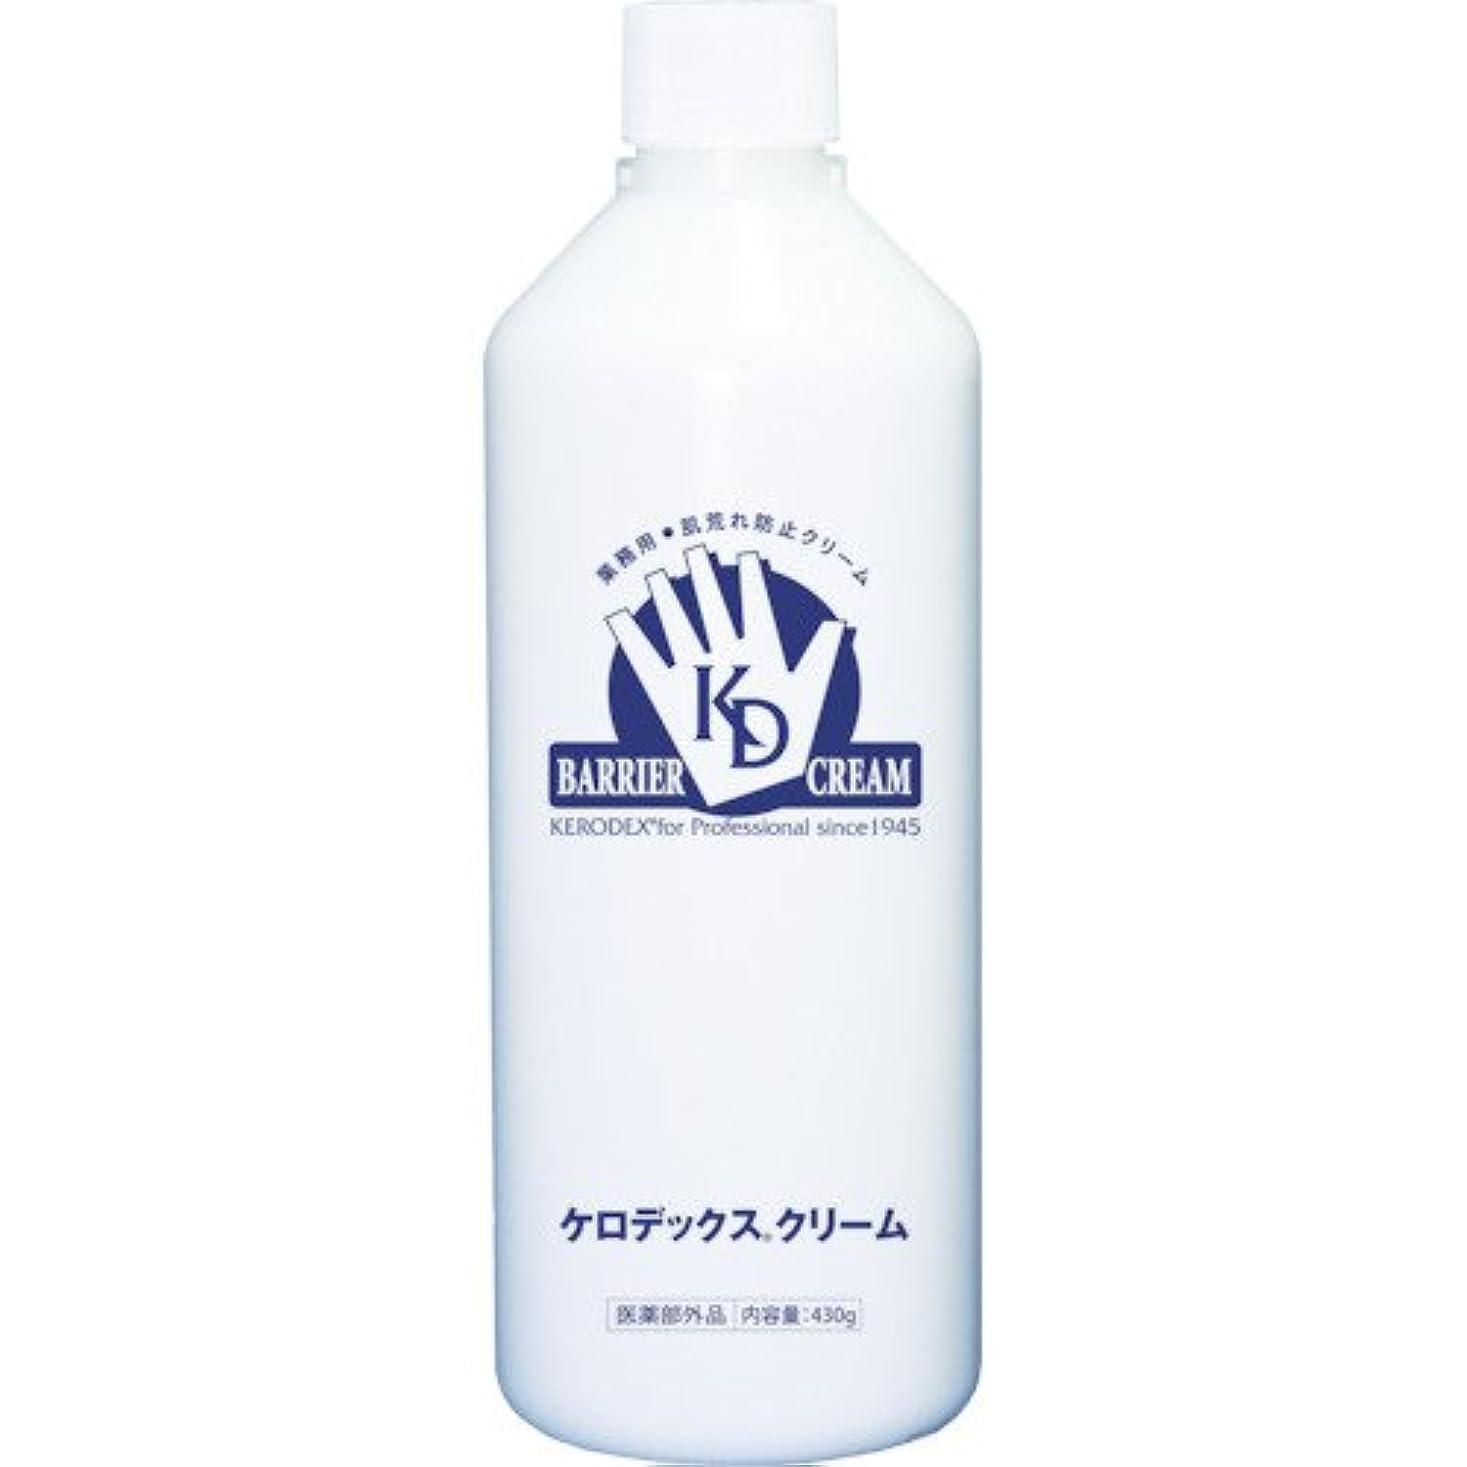 センチメートルヒロイックレパートリーケロデックスクリーム ボトルタイプ 詰替用 430g